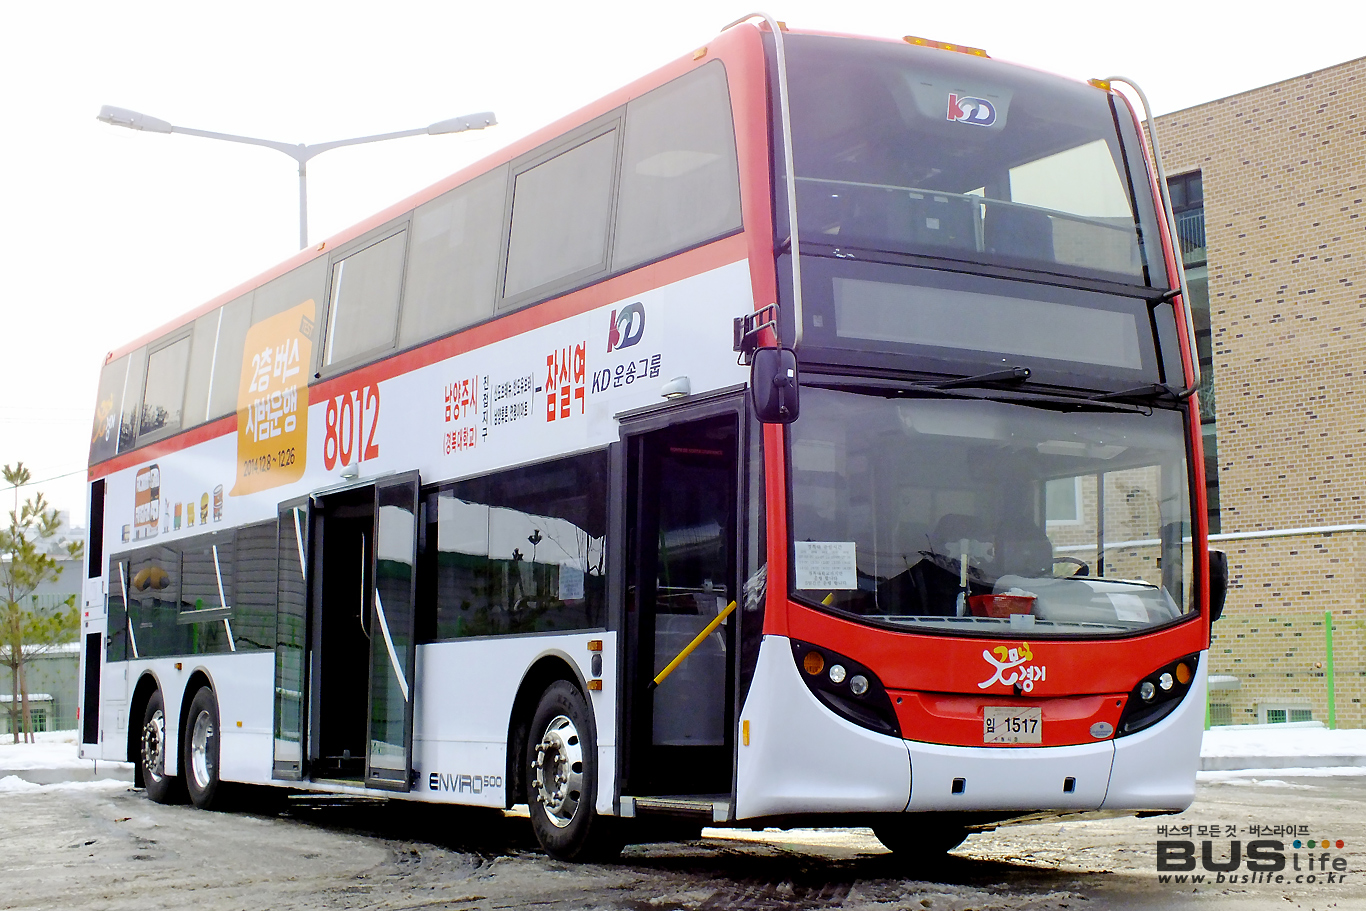 이층버스로 보는 우리나라 대중교통의 현재와 해결 과제